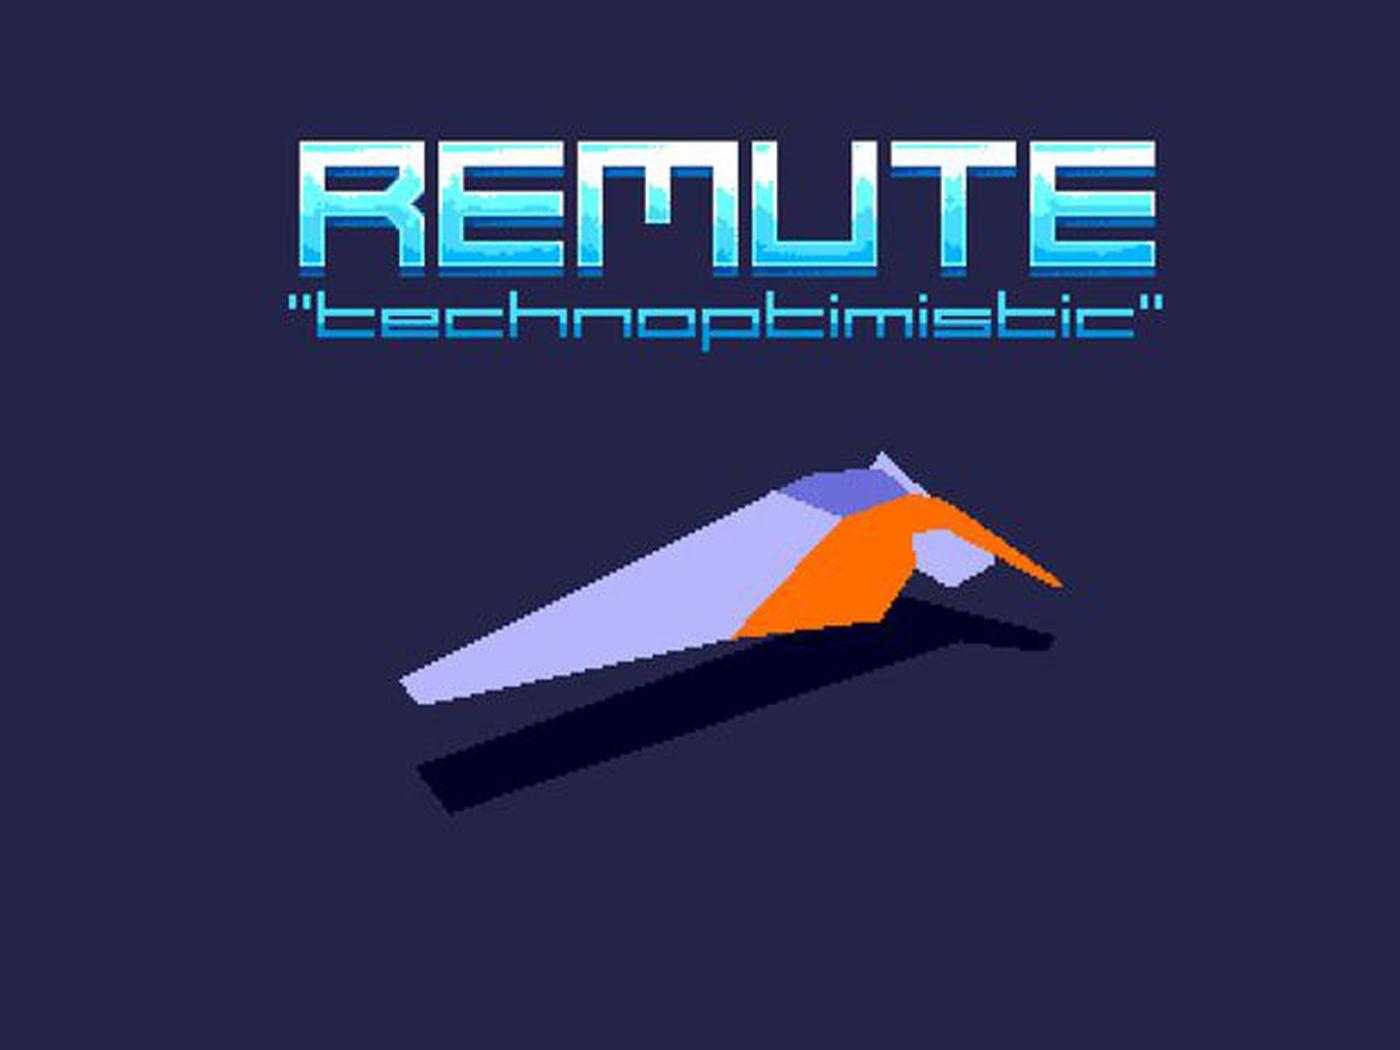 Sega Genesis technoptimistic dj remute отвратительные мужики disgusting men